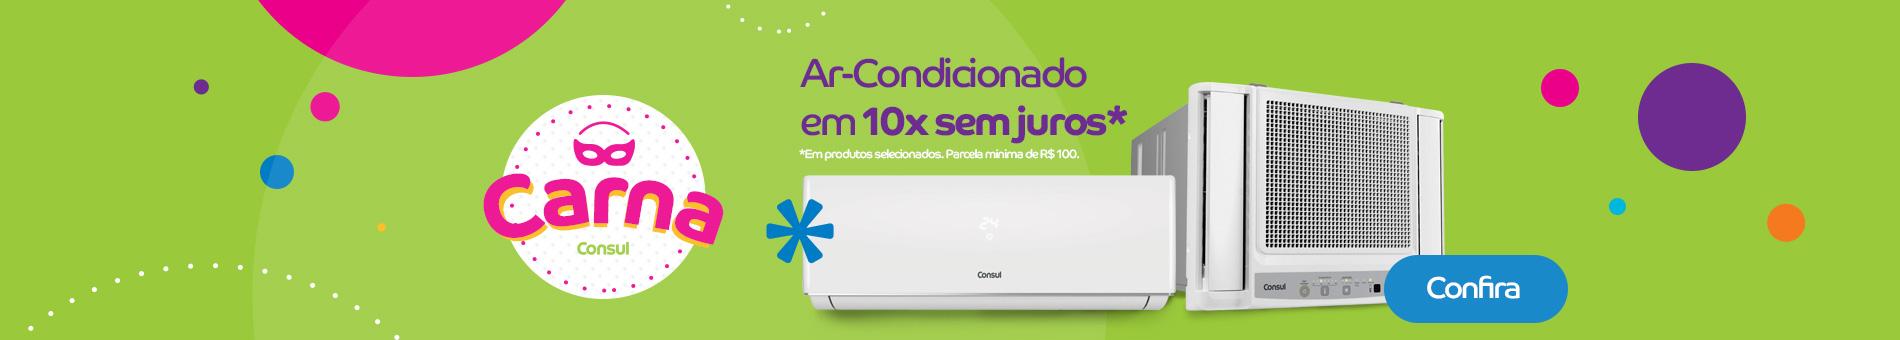 Promoção Interna - 1383 - carnaconsul_ac-parcelamento_23022017_home1 - ac-parcelamento - 1